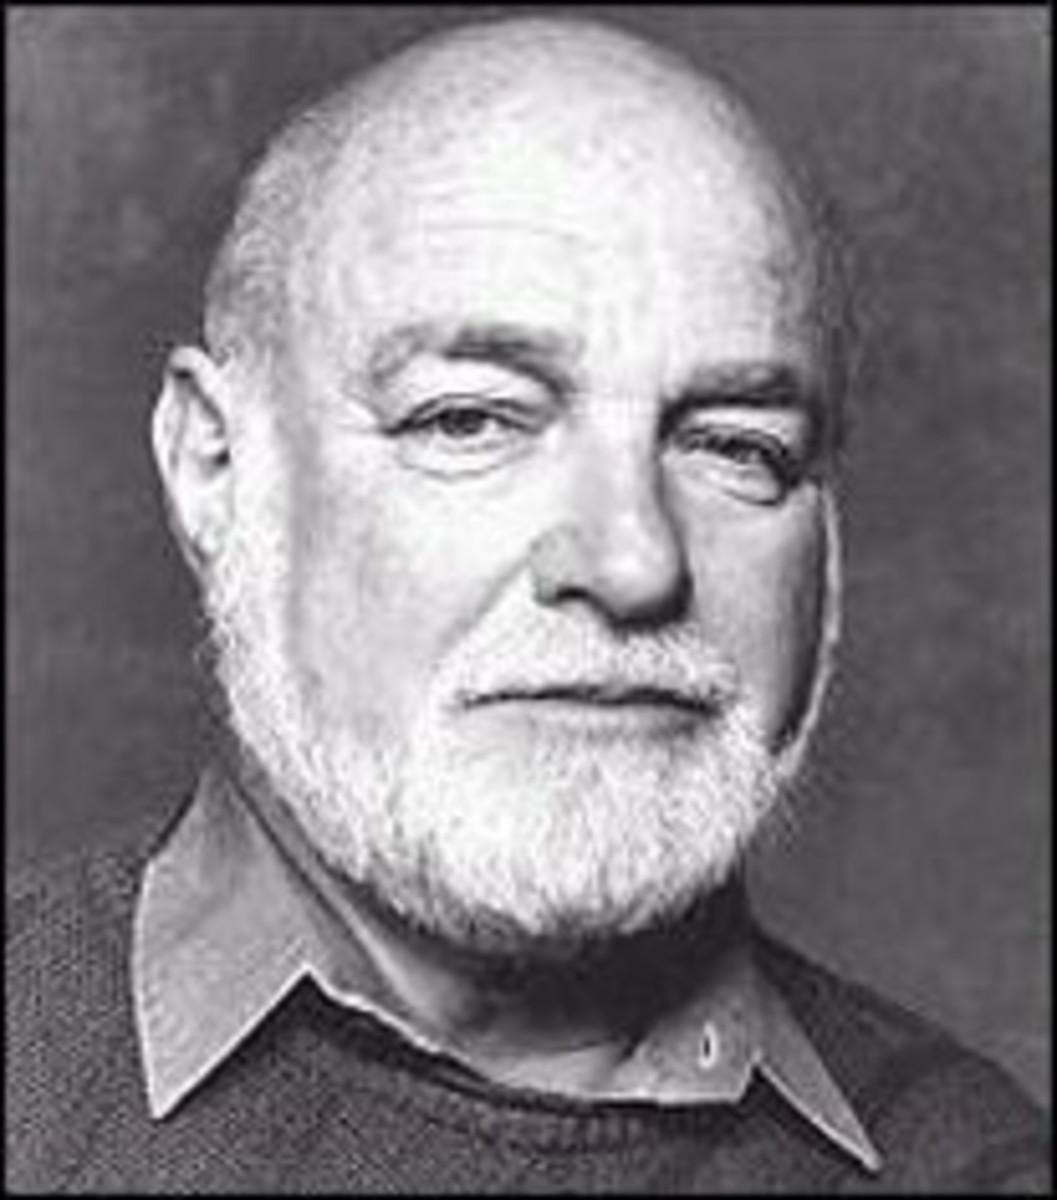 Director John Schlesinger